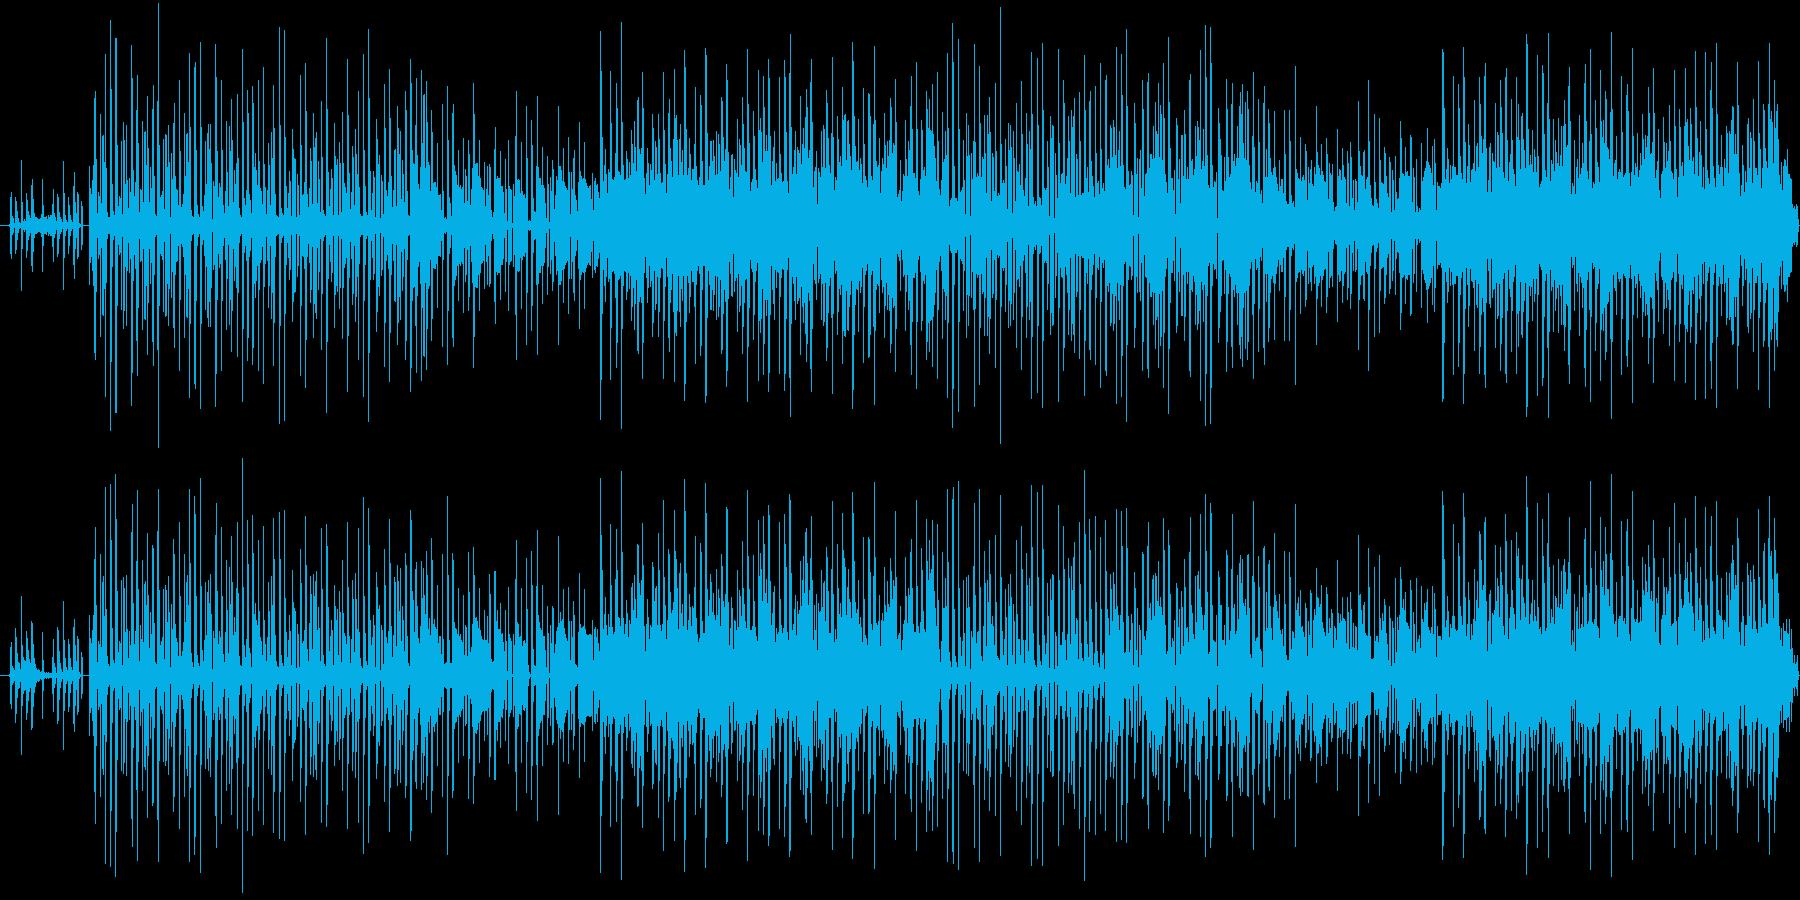 コミカルな曲調で柔らかい雰囲気のBGMの再生済みの波形